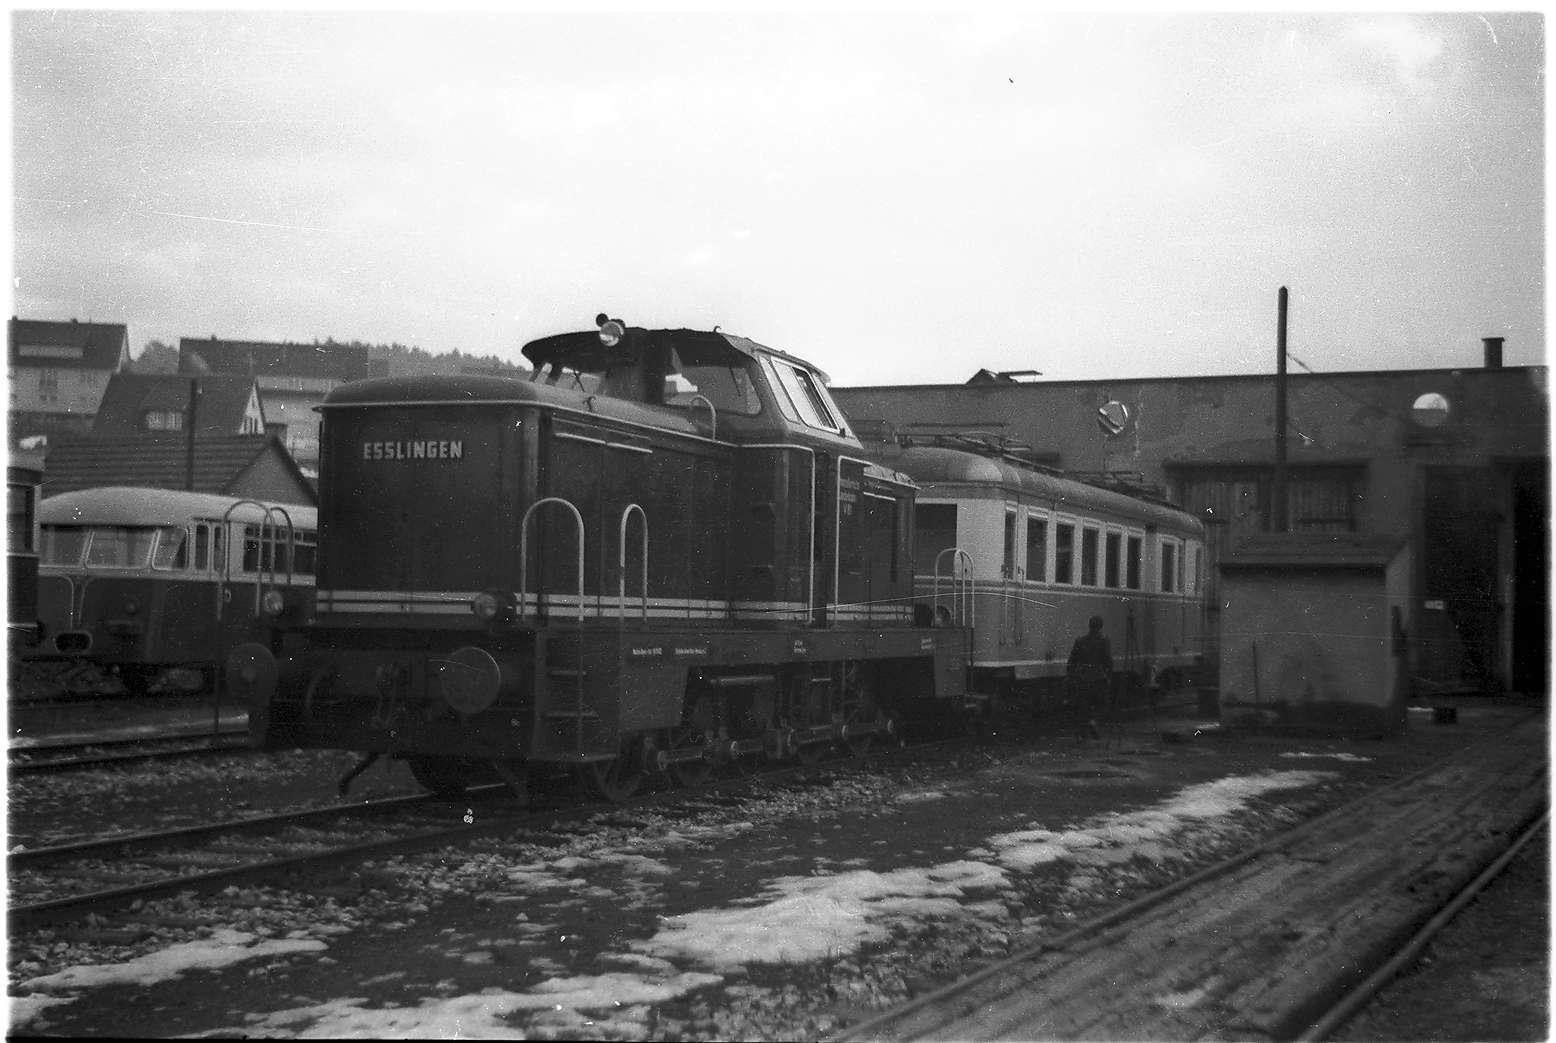 Diesellok V81 mit Triebwagen ET3 der Trossinger Eisenbahn, dessen Achsen in Gammertingen abgedreht wurden, Bild 1